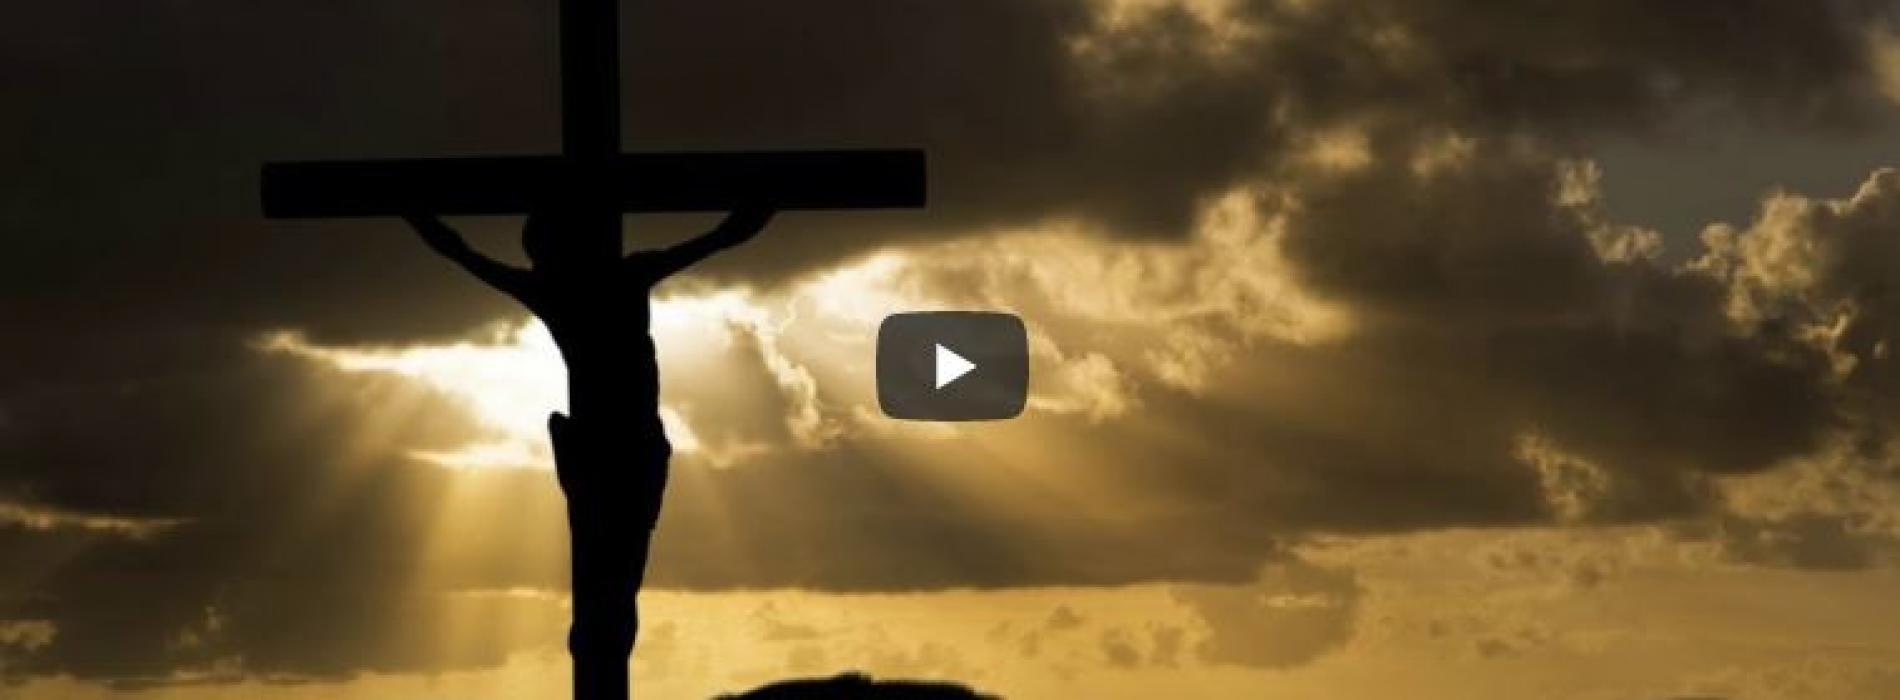 Sanjeev Niles – When I Survey The Wondrous Cross